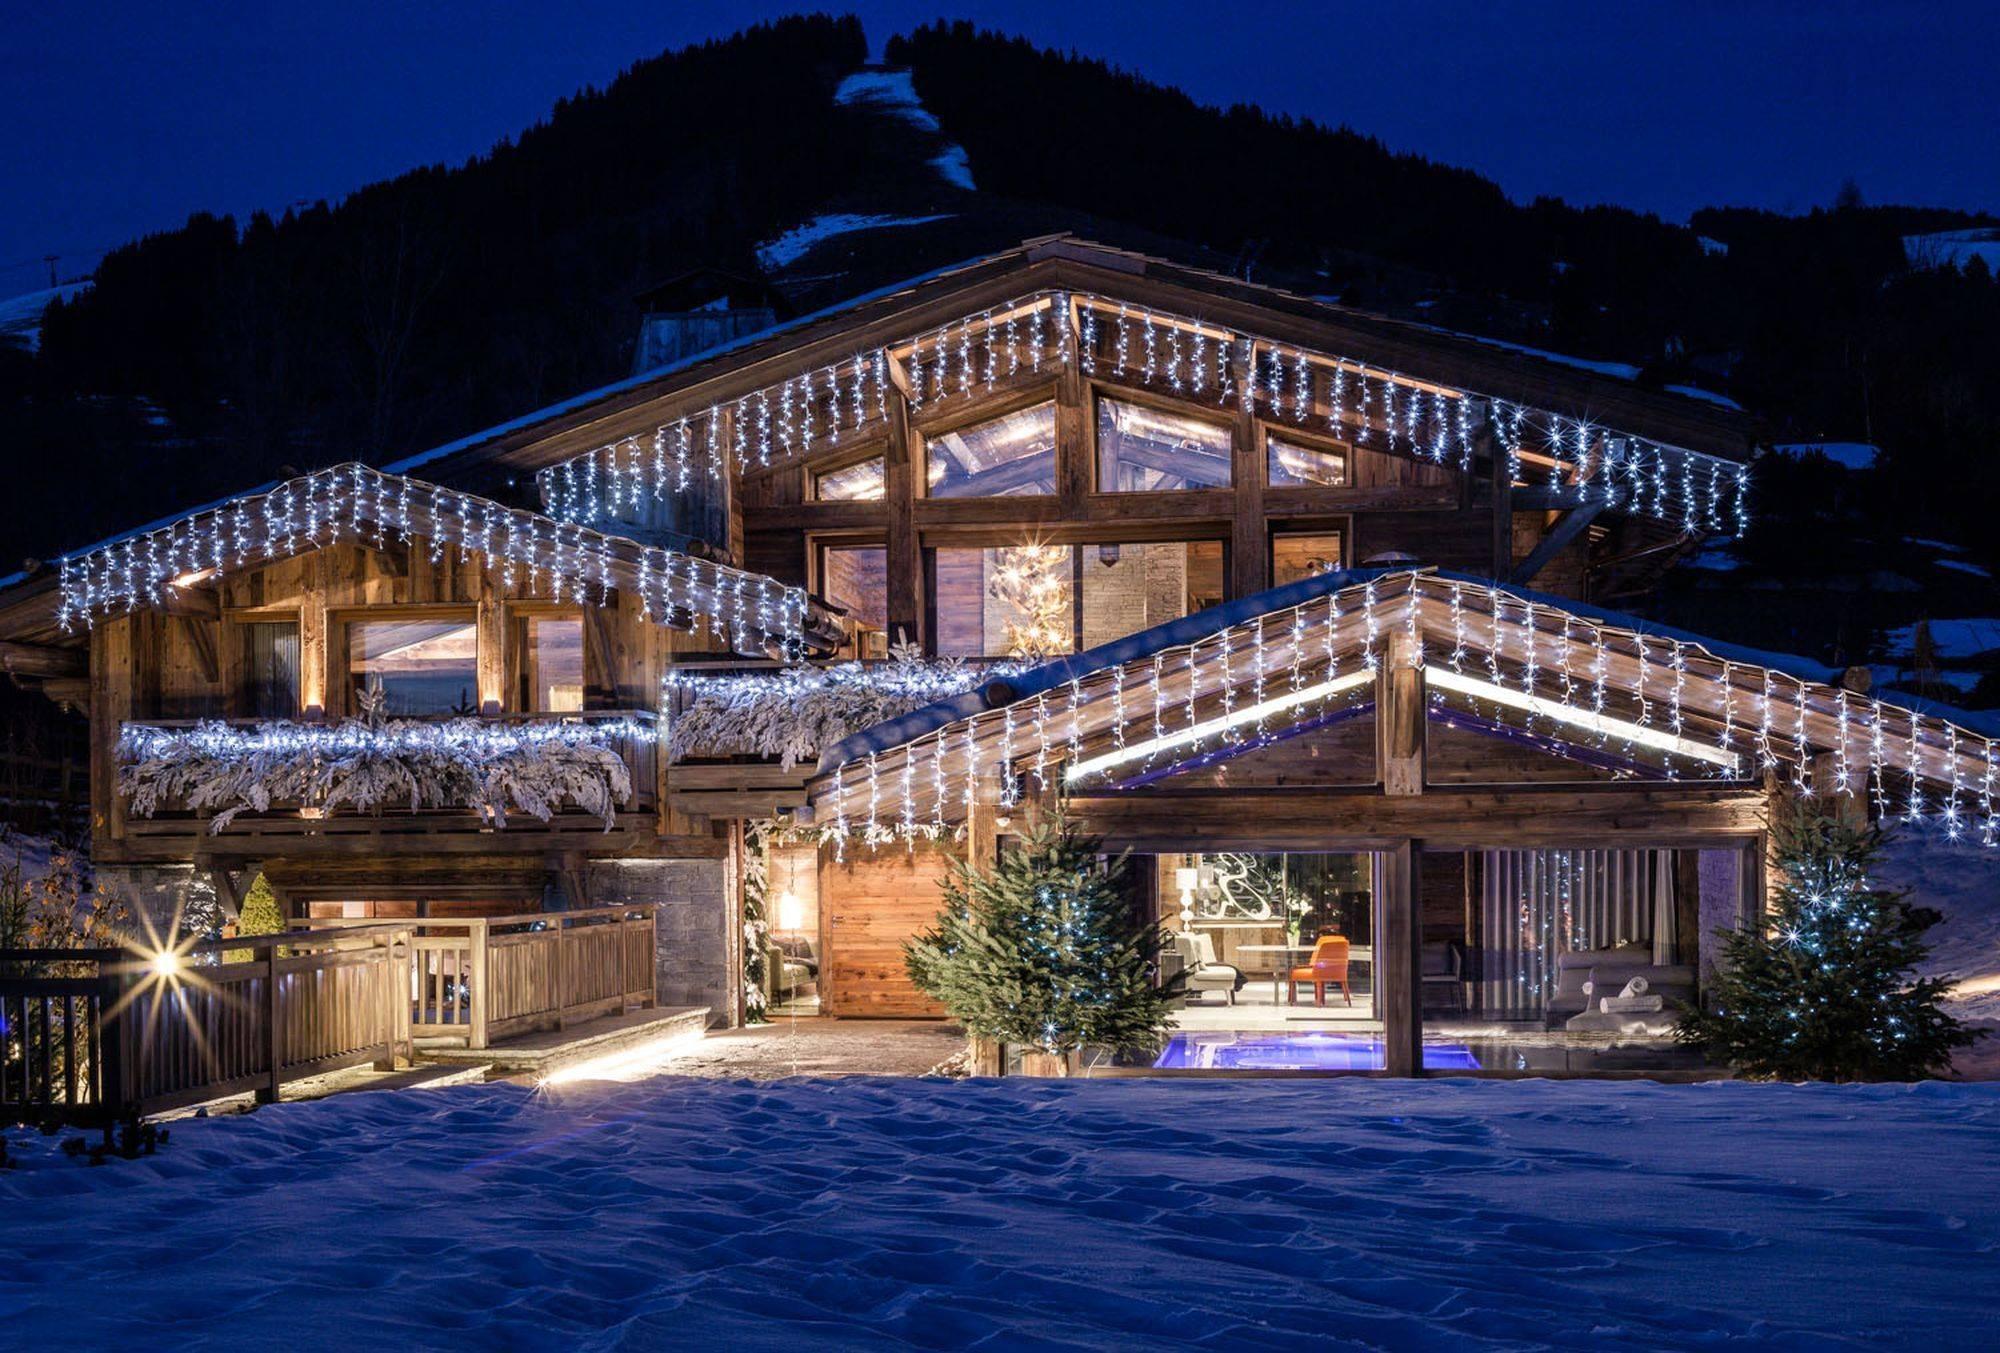 Lovelydays luxury service apartment rental - Megève - Senses Chalet - Partner - 6 bedrooms - 6 bathrooms - Exterior - 6a88774c1b29 - Lovelydays